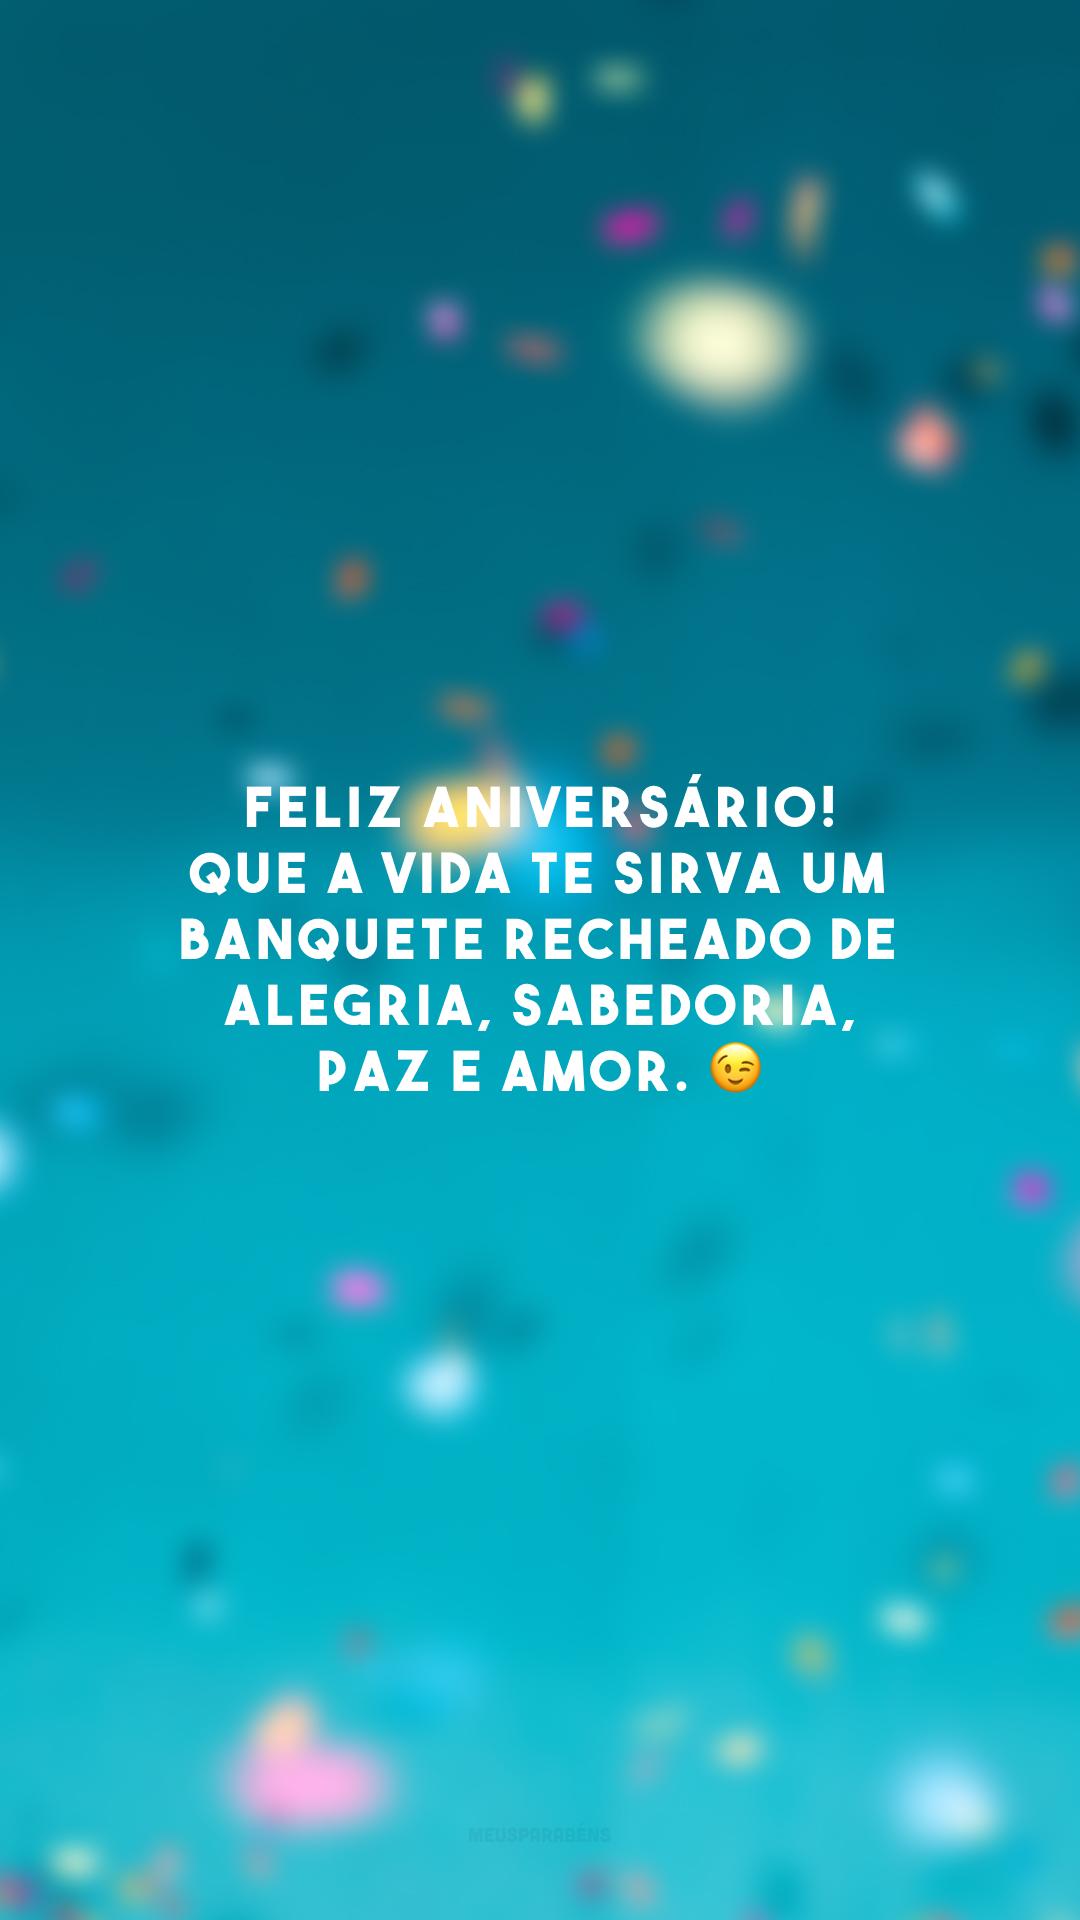 Feliz aniversário! Que a vida te sirva um banquete recheado de alegria, sabedoria, paz e amor. 😉